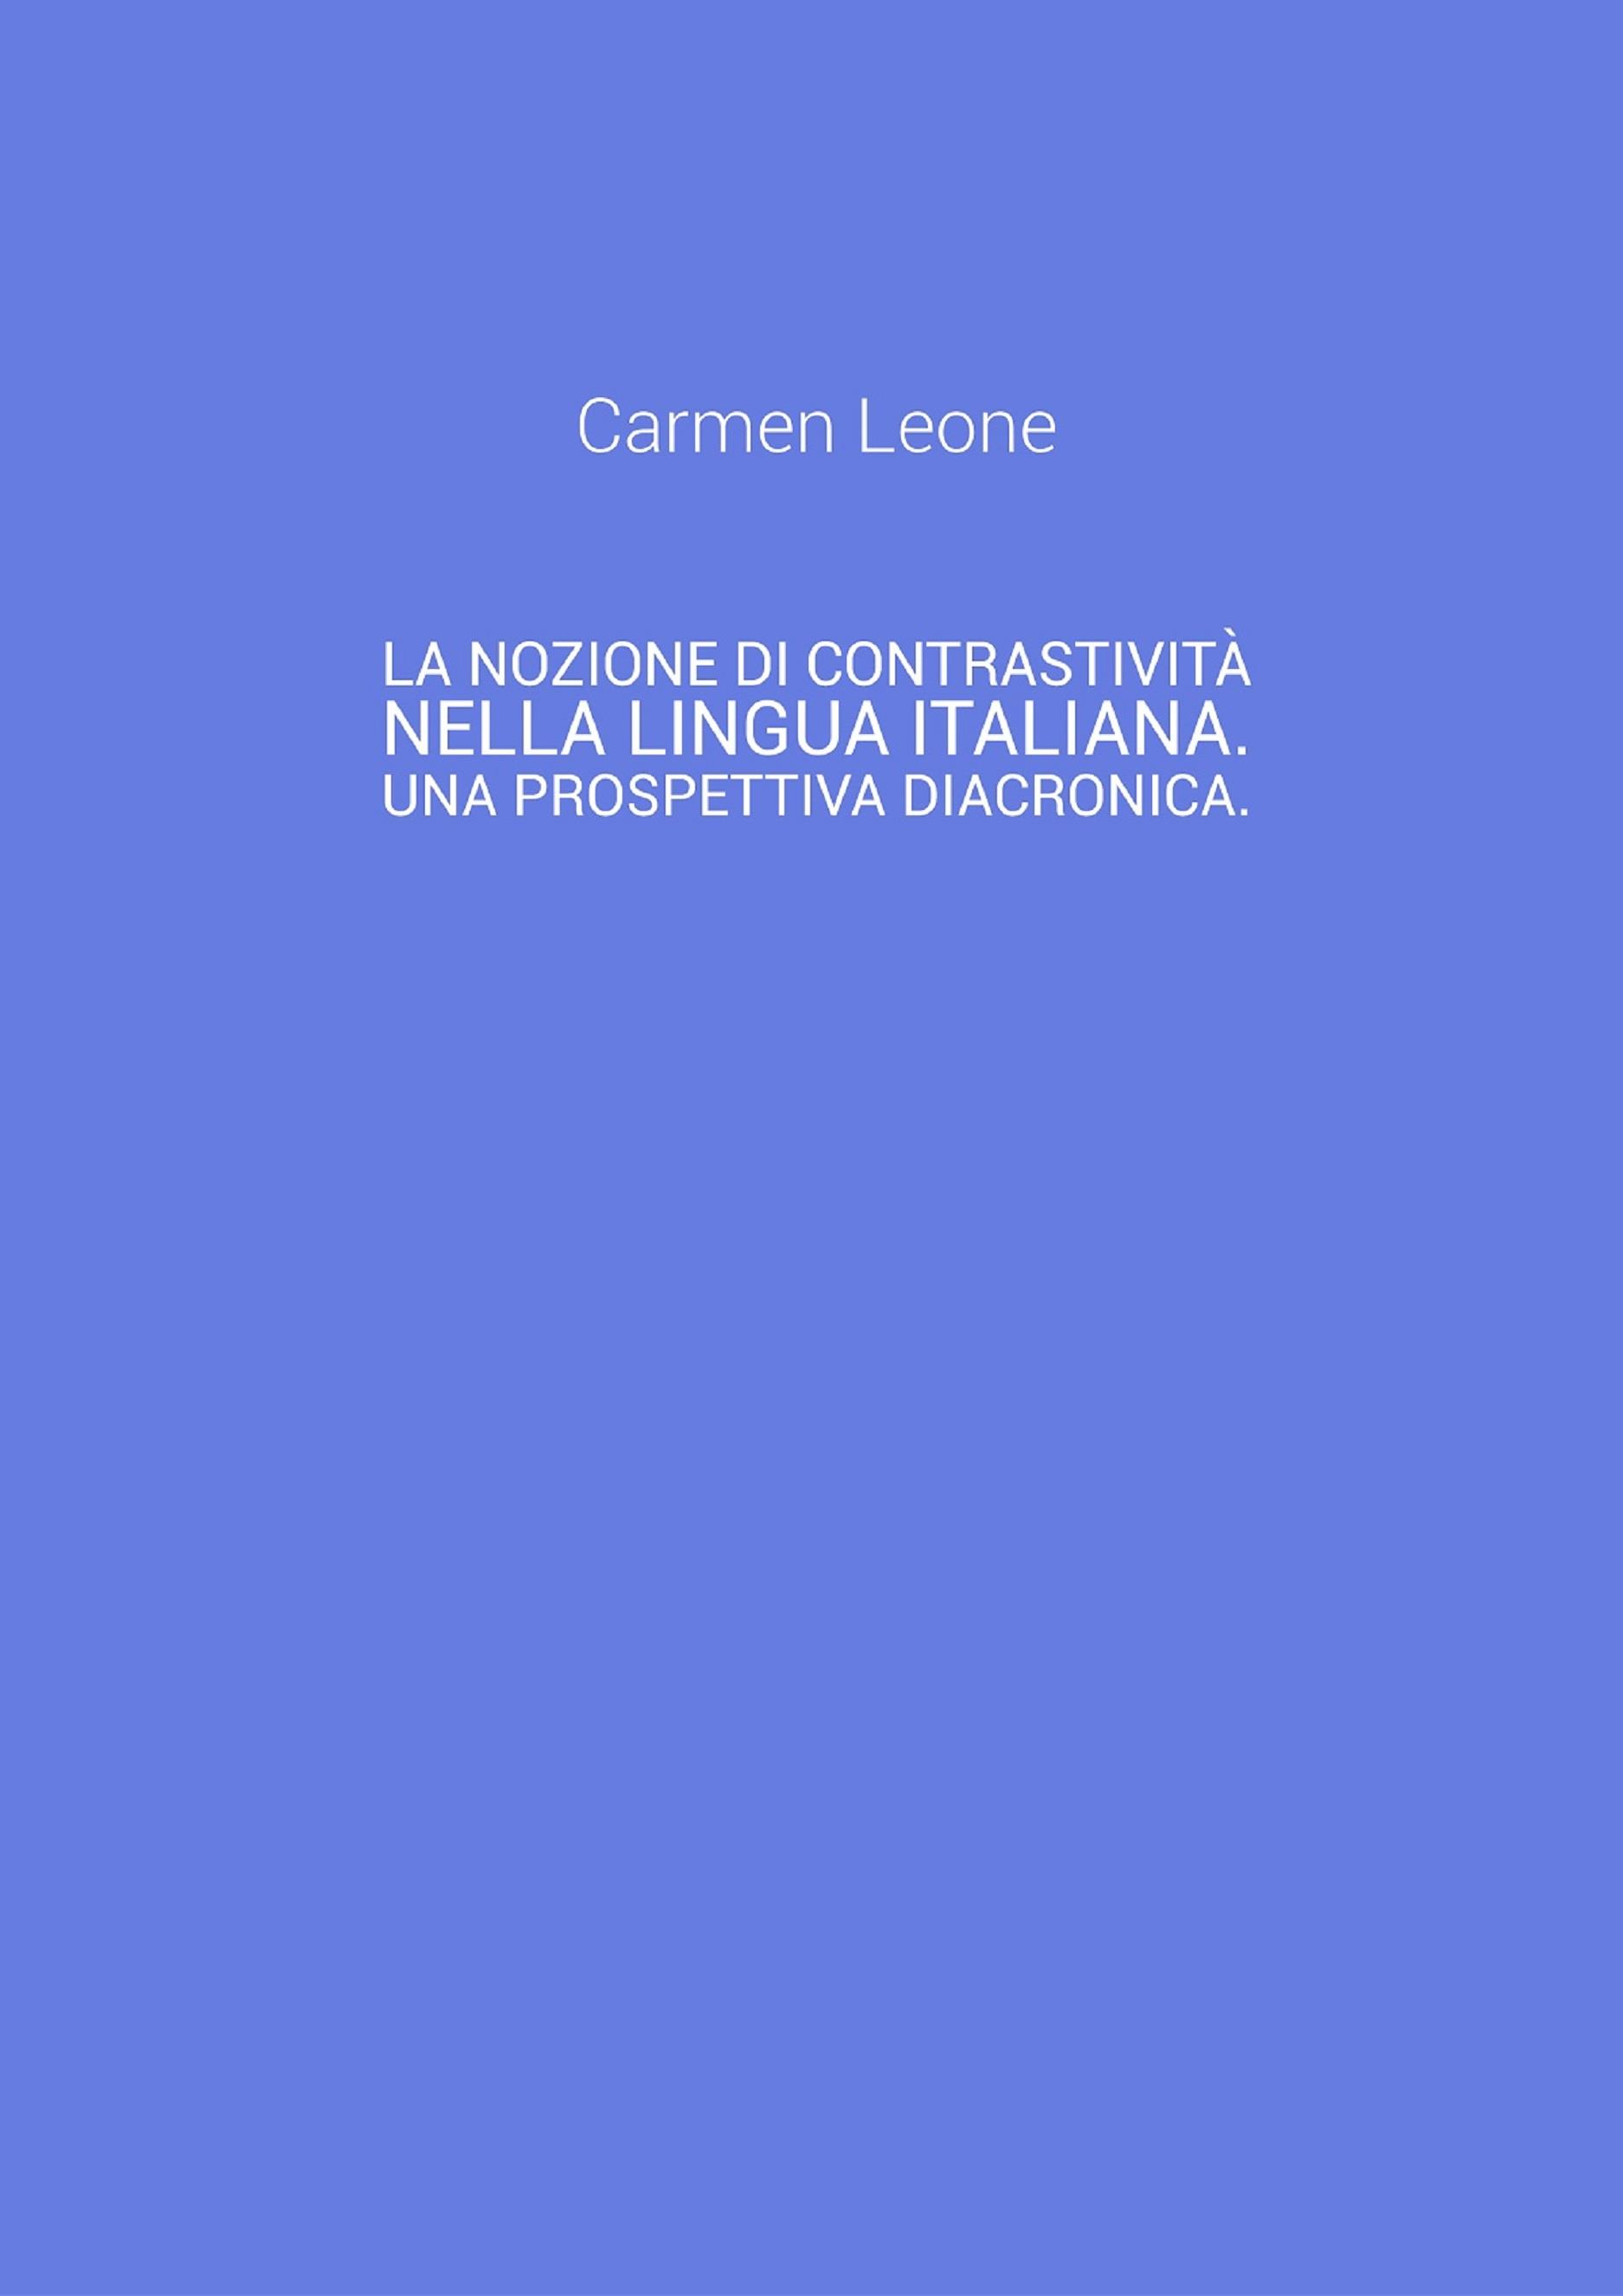 La nozione di contrastività nella lingua italiana. Una prospettiva diacronica.